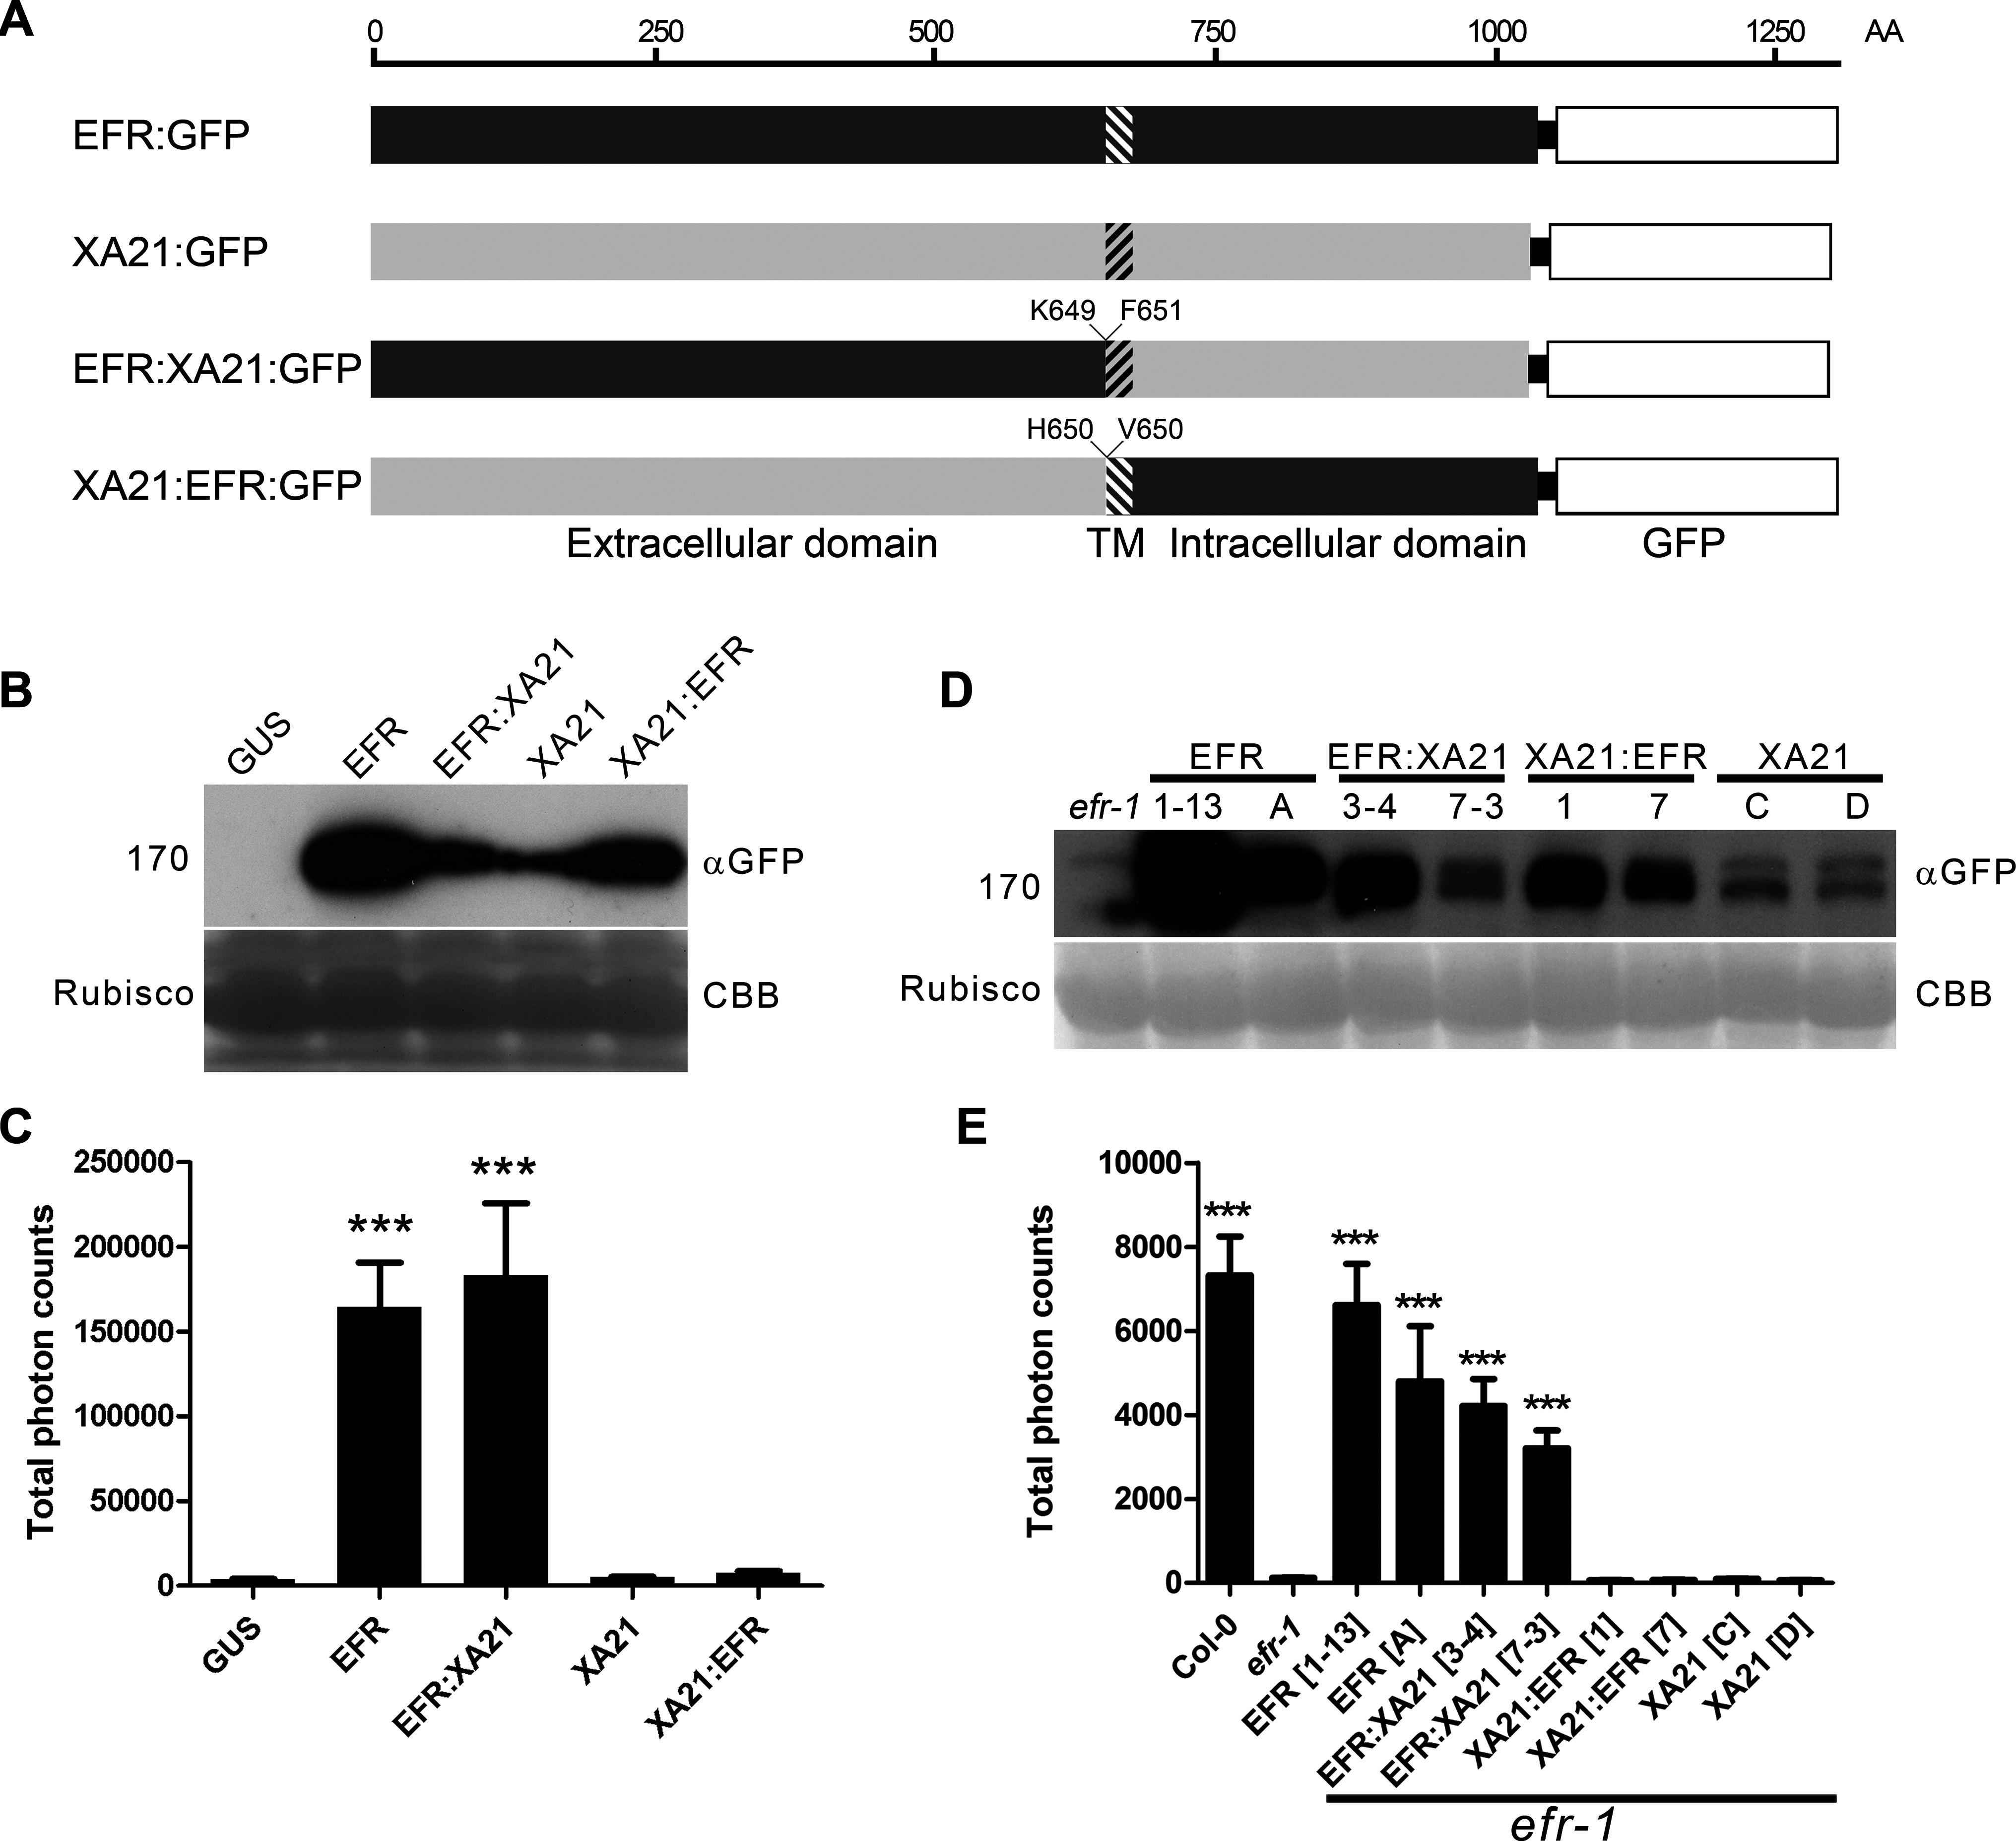 The EFR:XA21 chimera confers immune signaling in <i>N. benthamiana</i> and <i>A. thaliana</i>.